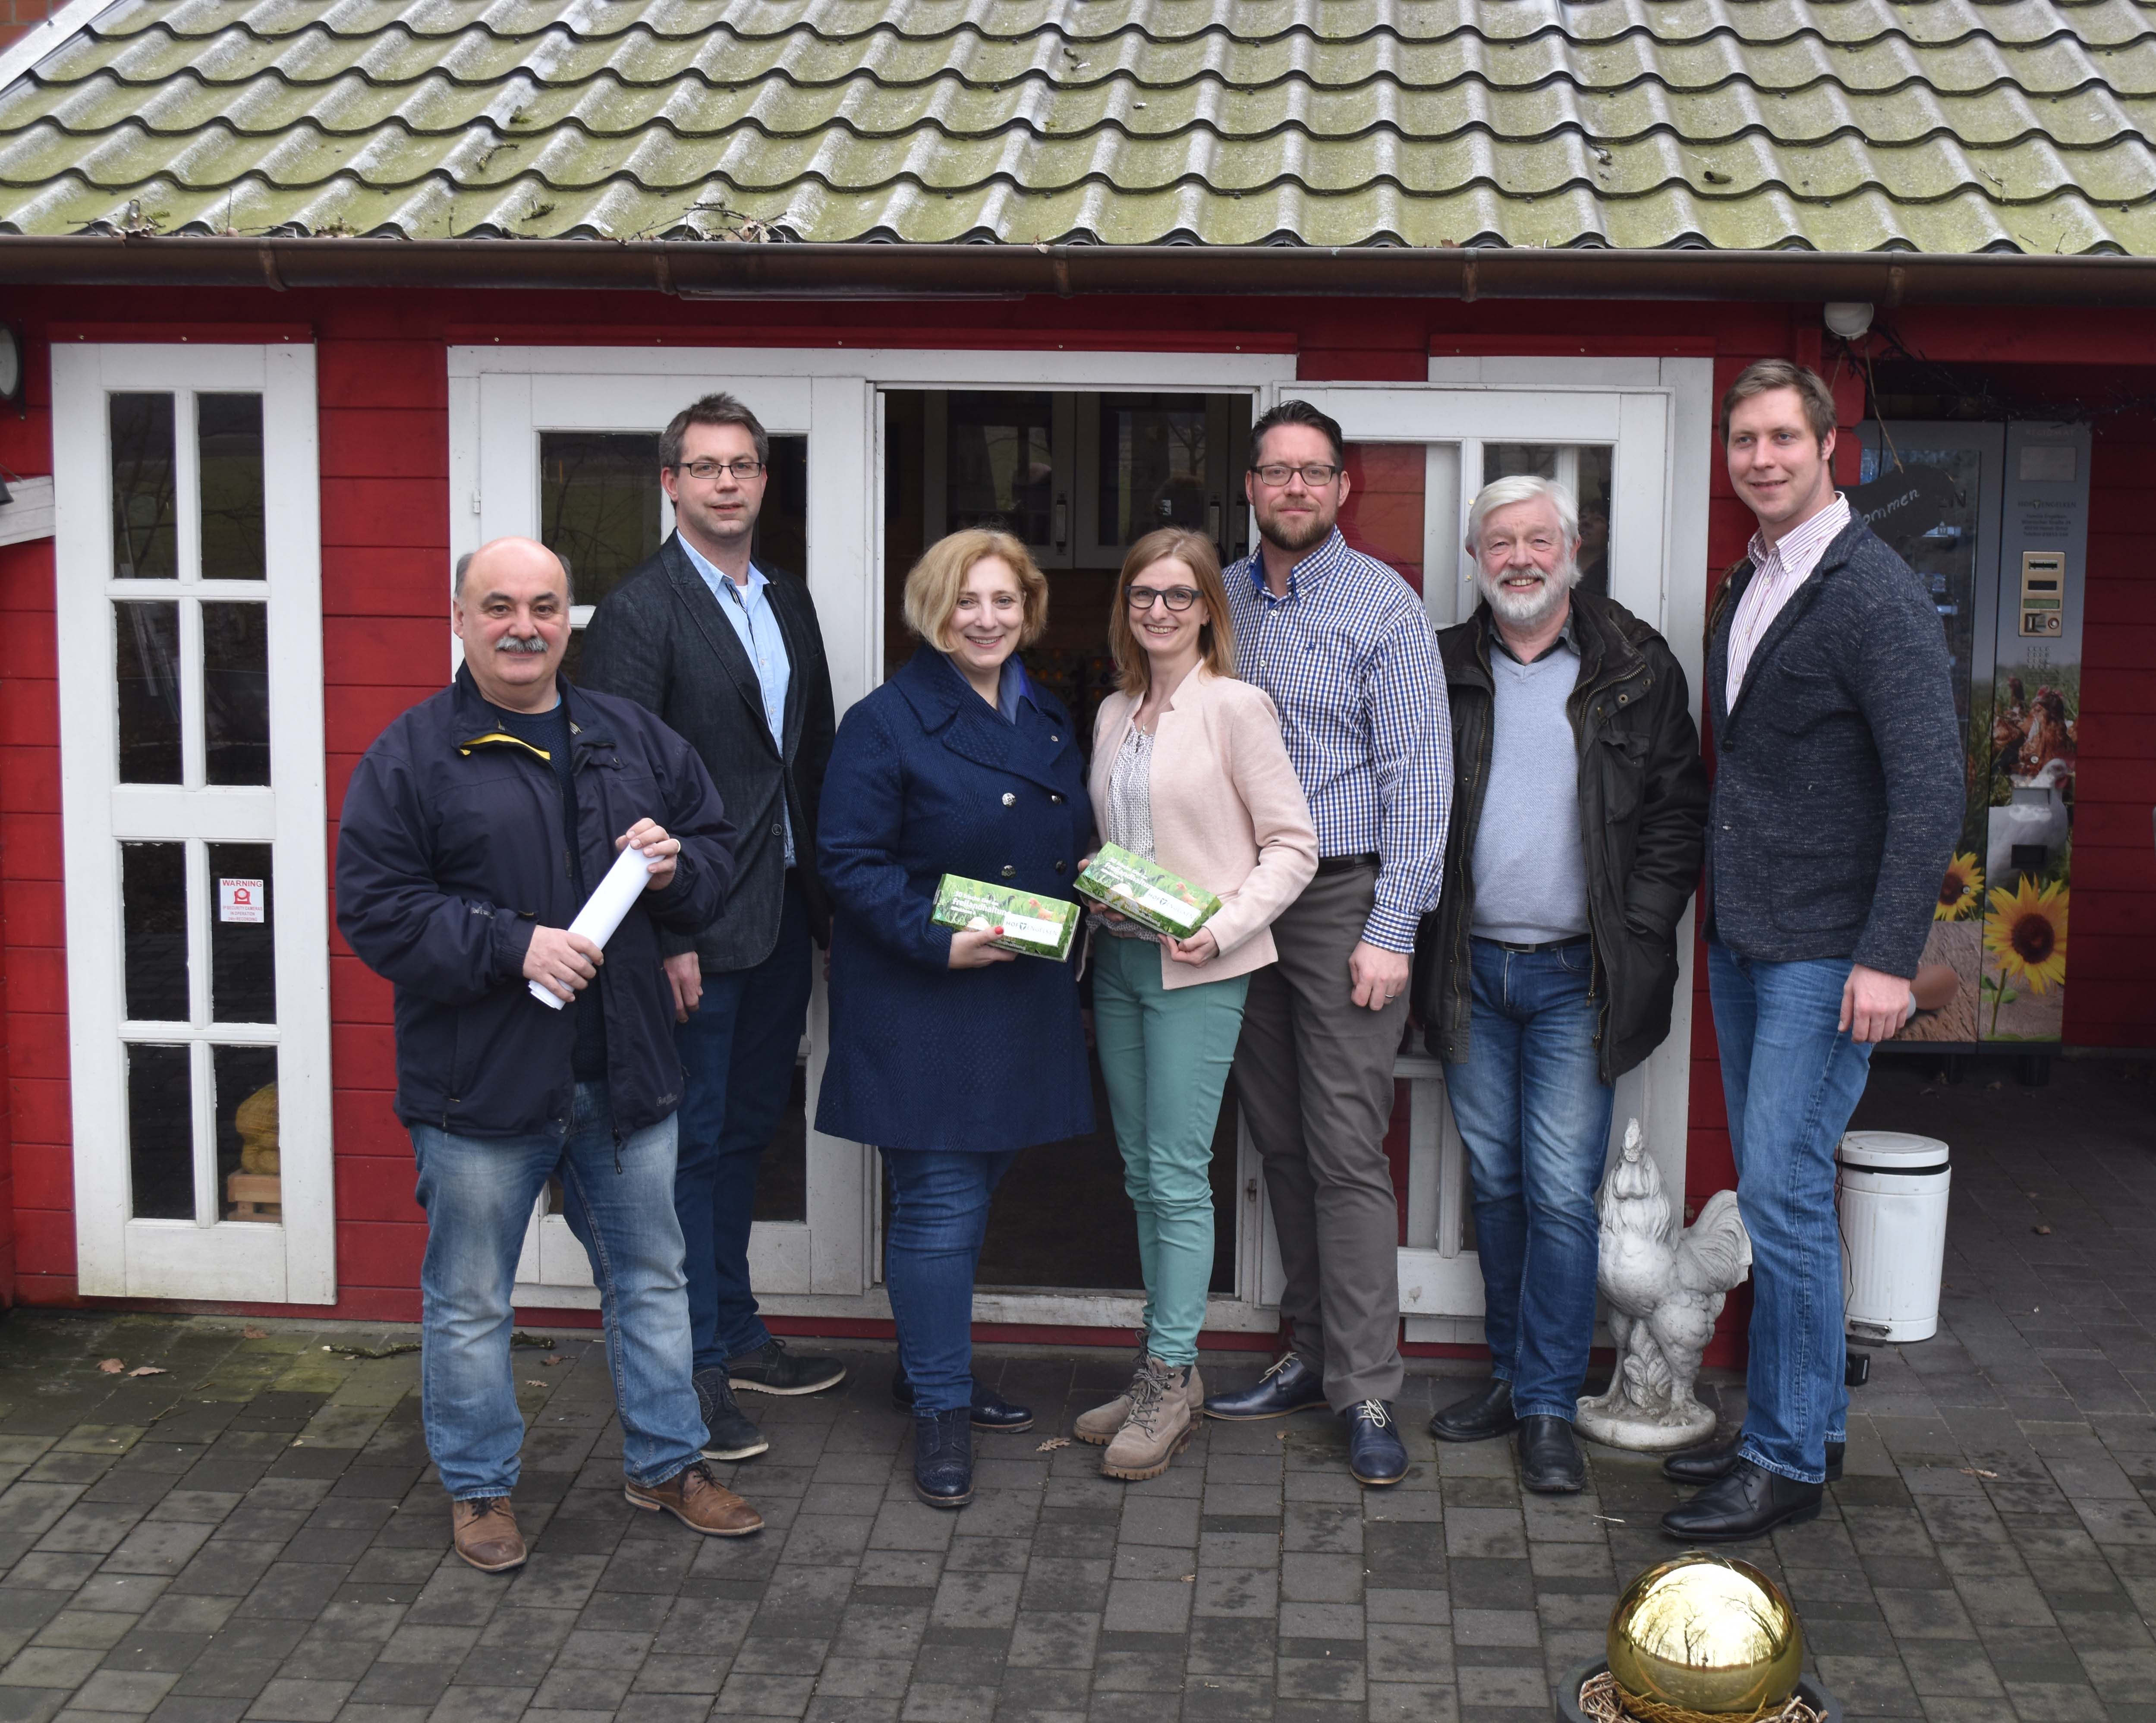 V.l.n.r.: Heinz-Wilhelm Tengen (SPD Ortsverein Haaren), Matthias Engelken, Dr. Daniela De Ridder, Stefanie und Jens Engelken, Christian Engelken, Ulrich Wilde (Vorsitzender der SPD Haaren)